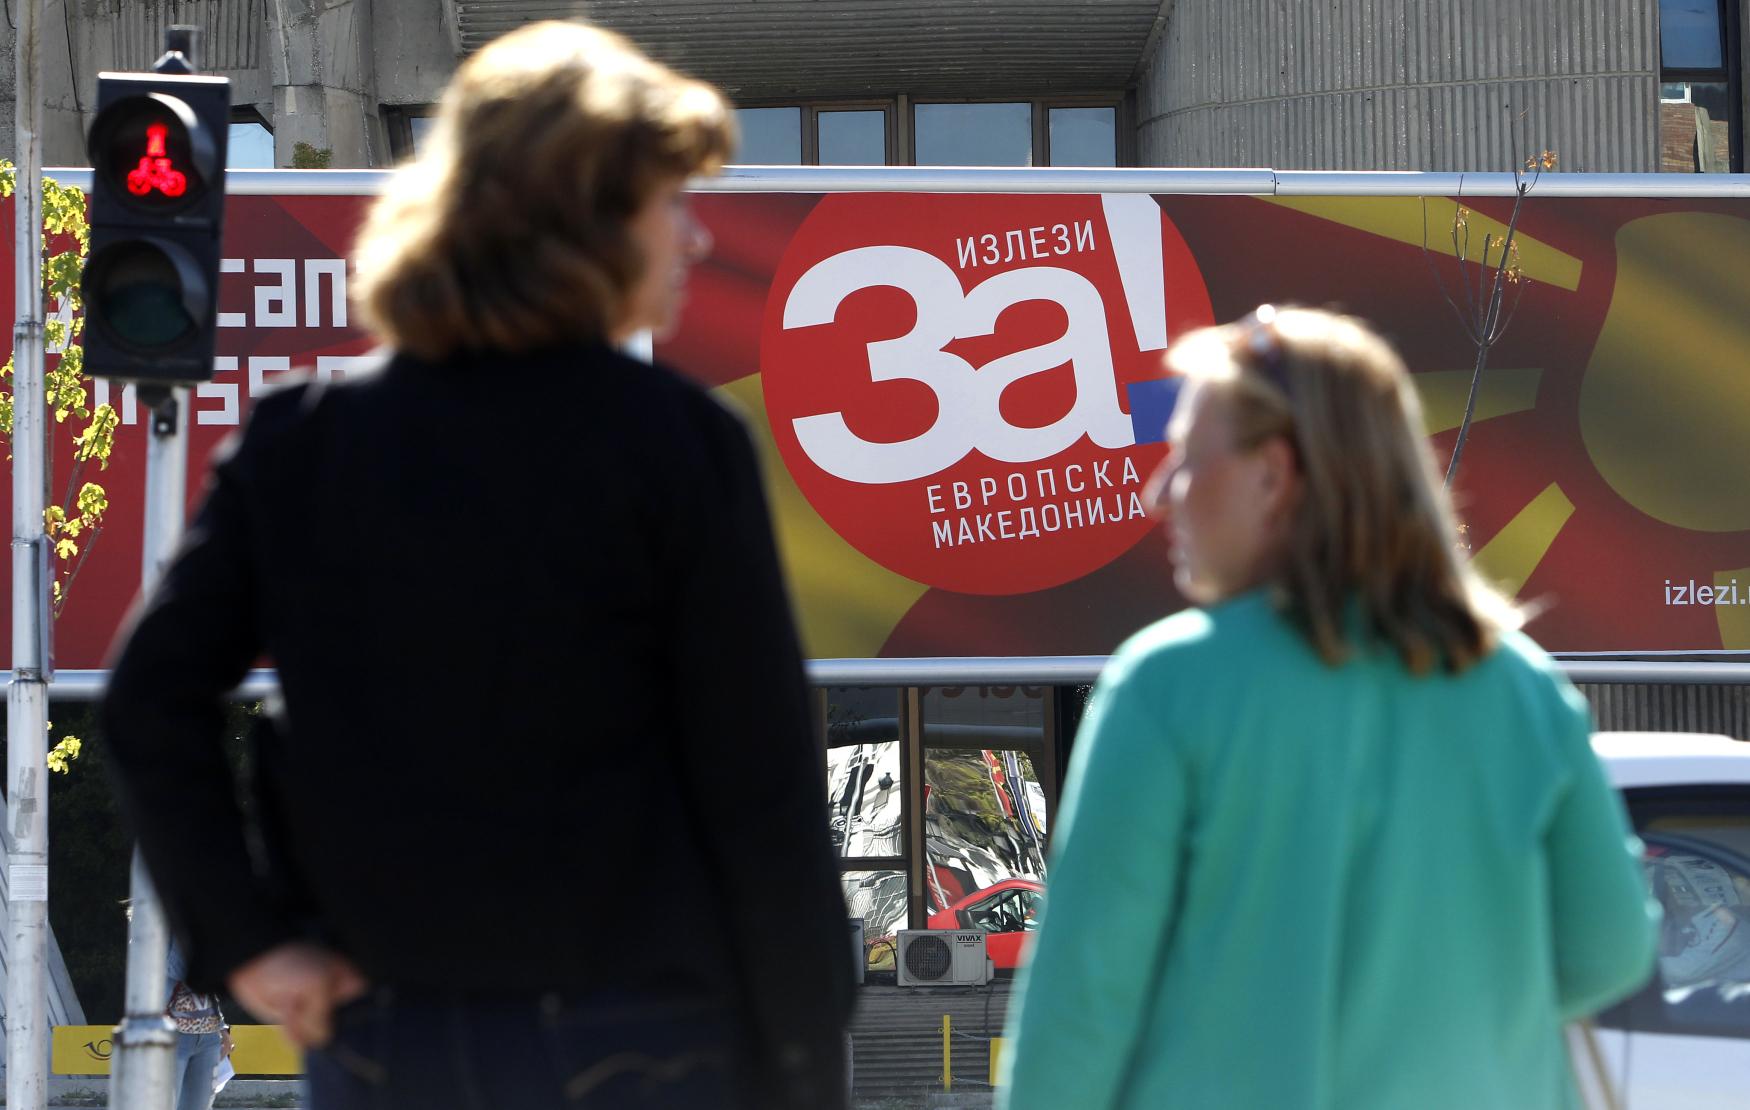 V referendu mají občané Republiky Makedonie vyslovit svůj názor o dohodě s Řeckem